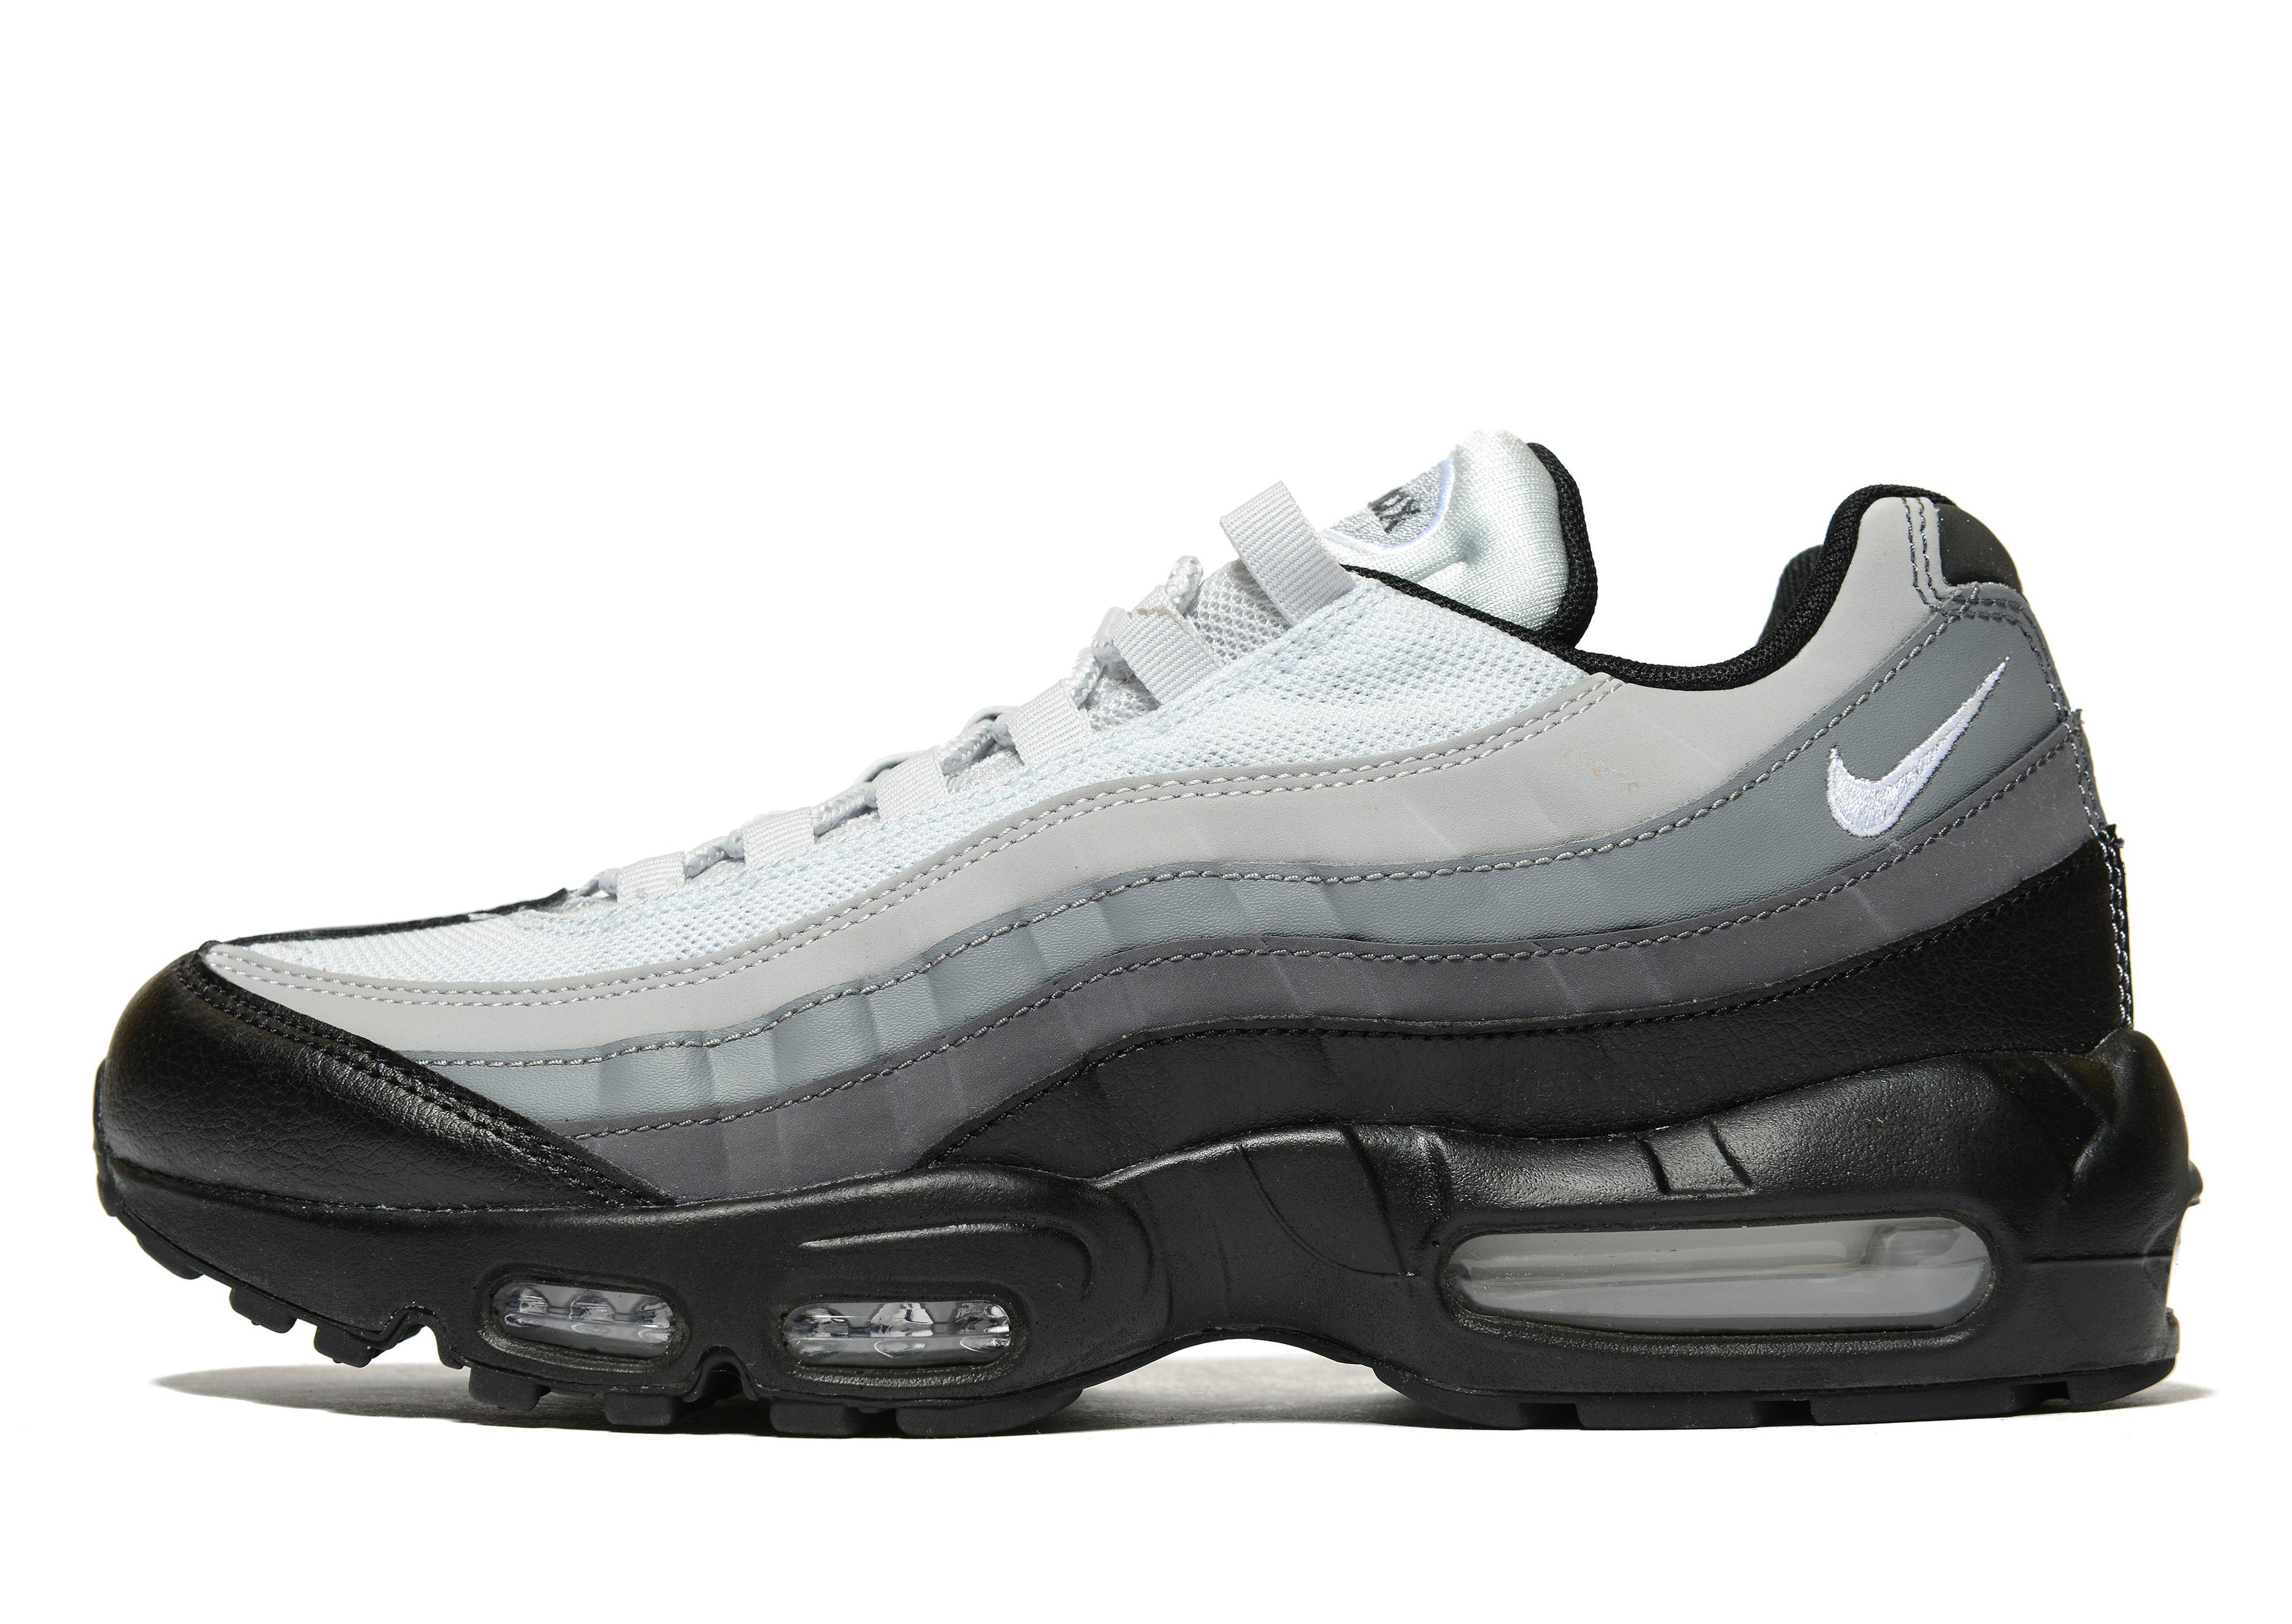 Nike Air Gris Et Blanc Max 95